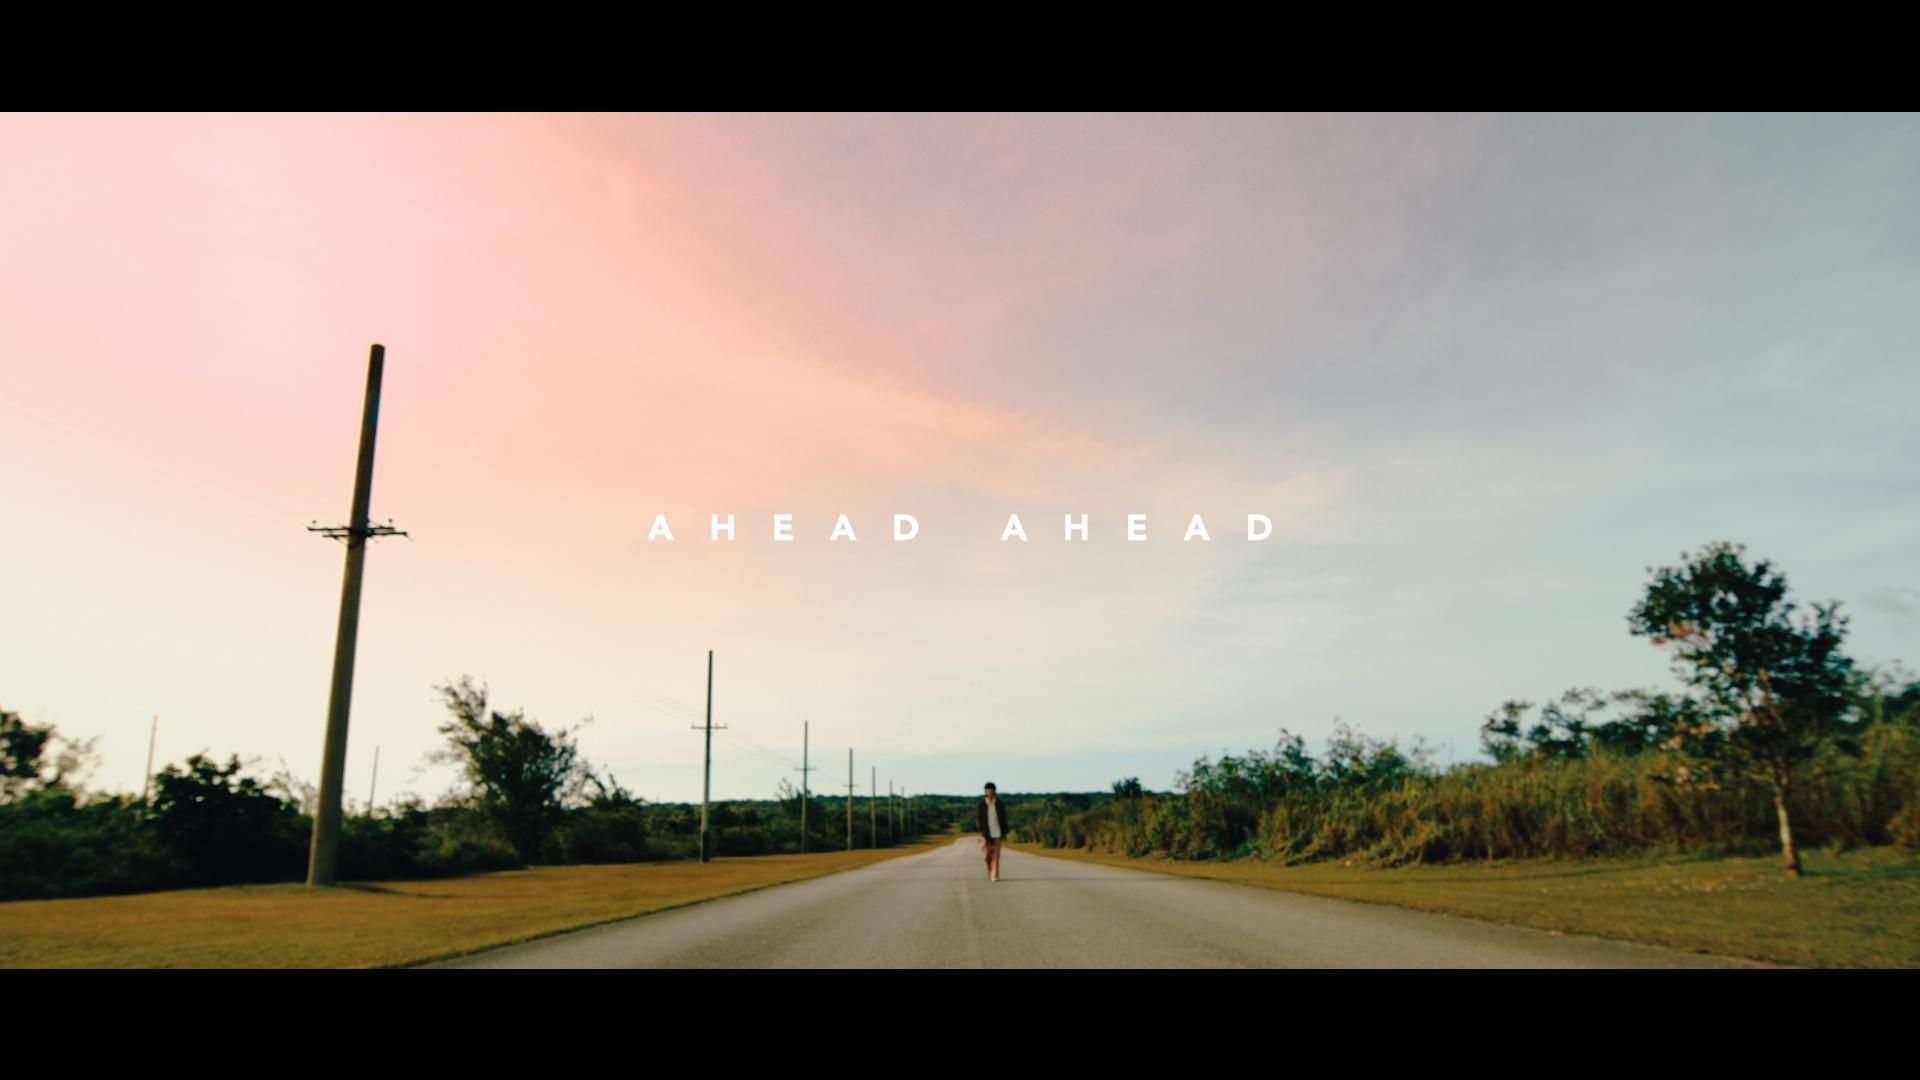 「Ahead Ahead」